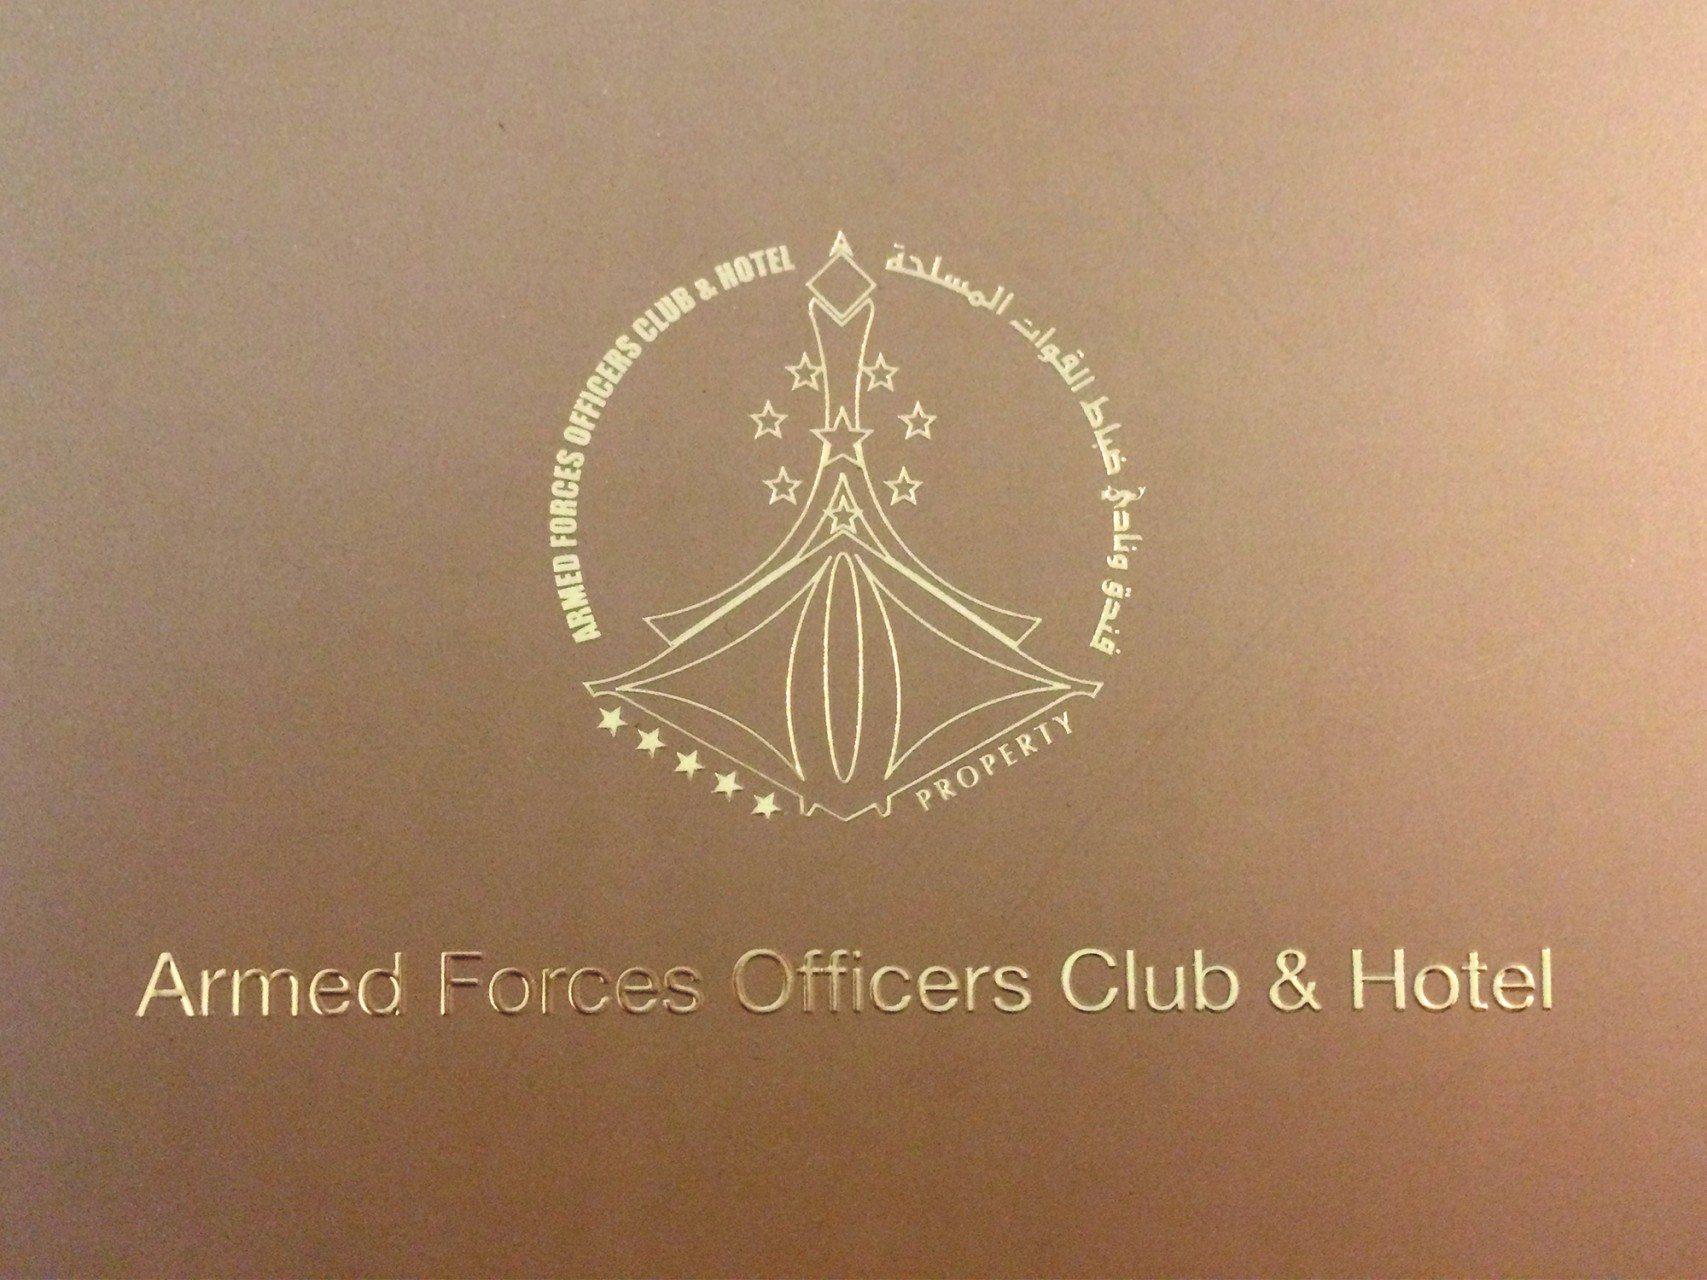 Golden.  The Armed Forces Officers Club & Hotel – eine feste Institution für erholsame, gesellschaftliche und kulturelle Aktivitäten in der emiratischen Hauptstadt.